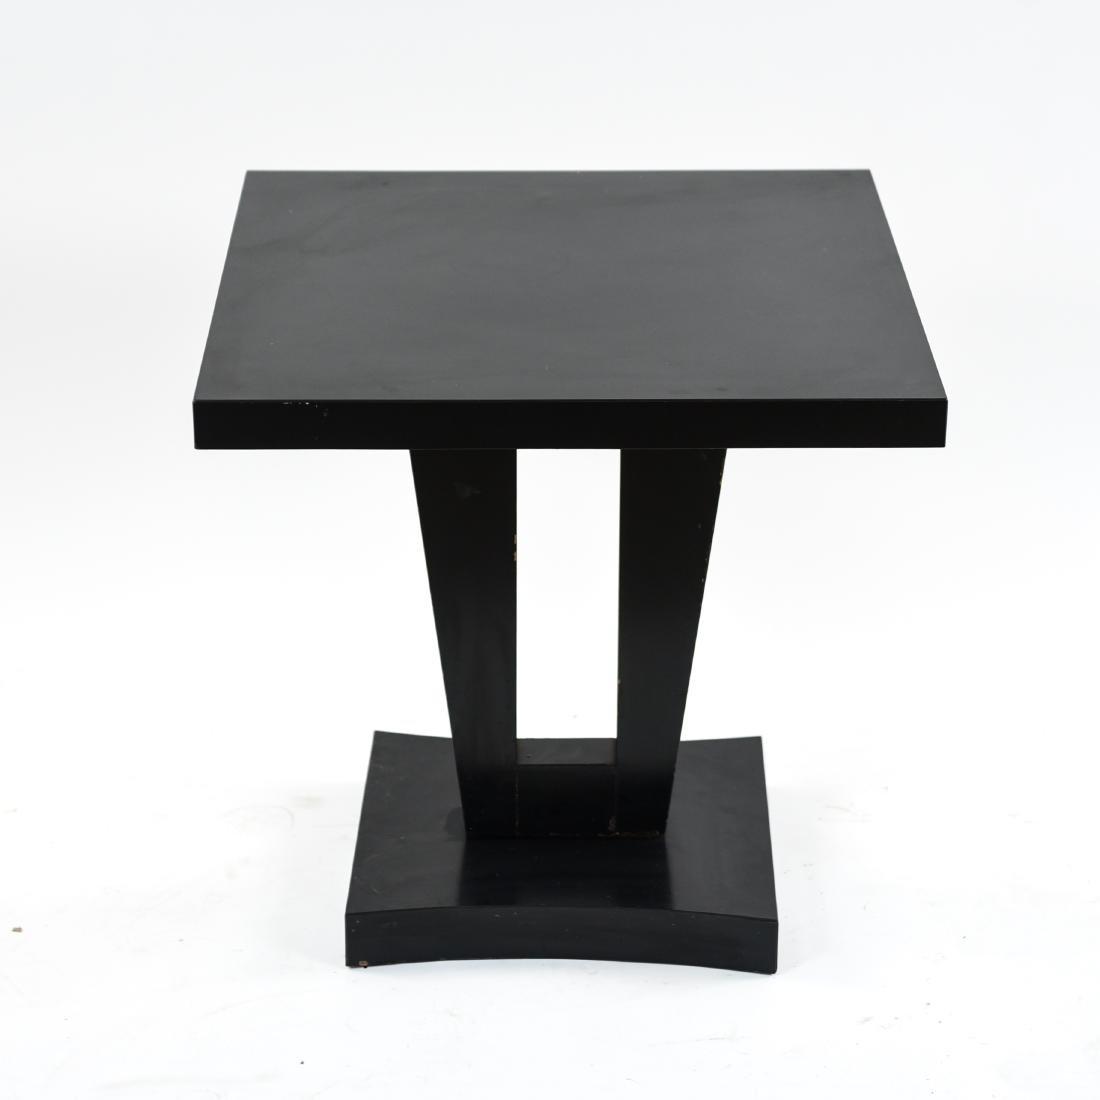 MID-CENTURY KEYHOLE TABLE